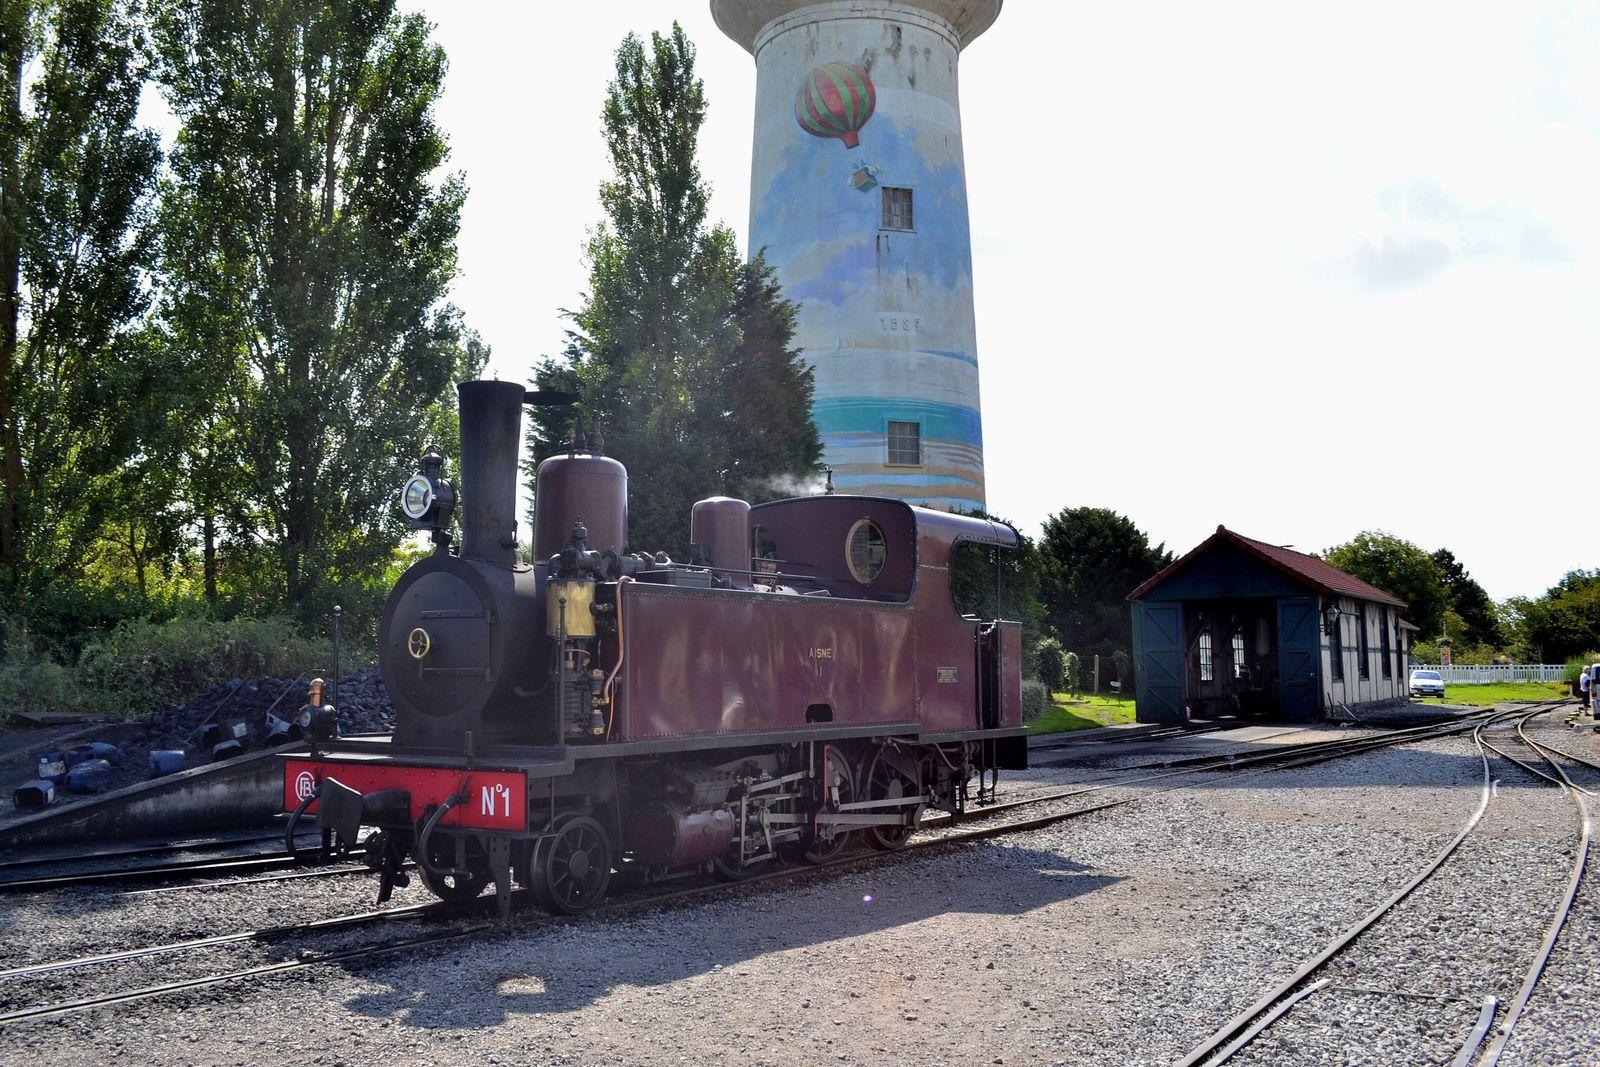 Sur les deux photos ci-dessus, nous sommes arrivés dans la gare du Crotoy et nous pouvons admirer la si jolie locomotive à vapeur qui nous a conduits jusqu'à destination. Il s'agit de la locomotive à vapeur 130 Corpet n°1 datant de 1906, rien que ça! Elle est passée dans différentes mains au cours du siècle dernier, notamment les Chemins de Fer Départementaux de l'Aisne (CDA) et elle est finalement rachetée par Le Chemin de Fer de la Baie de Somme en 1971, qui la remet en marche en 1992. Arrêtée en 2001, elle est alors entièrement reconstruite et sort des ateliers du CFBS juste à temps pour son centenaire, en 2006.